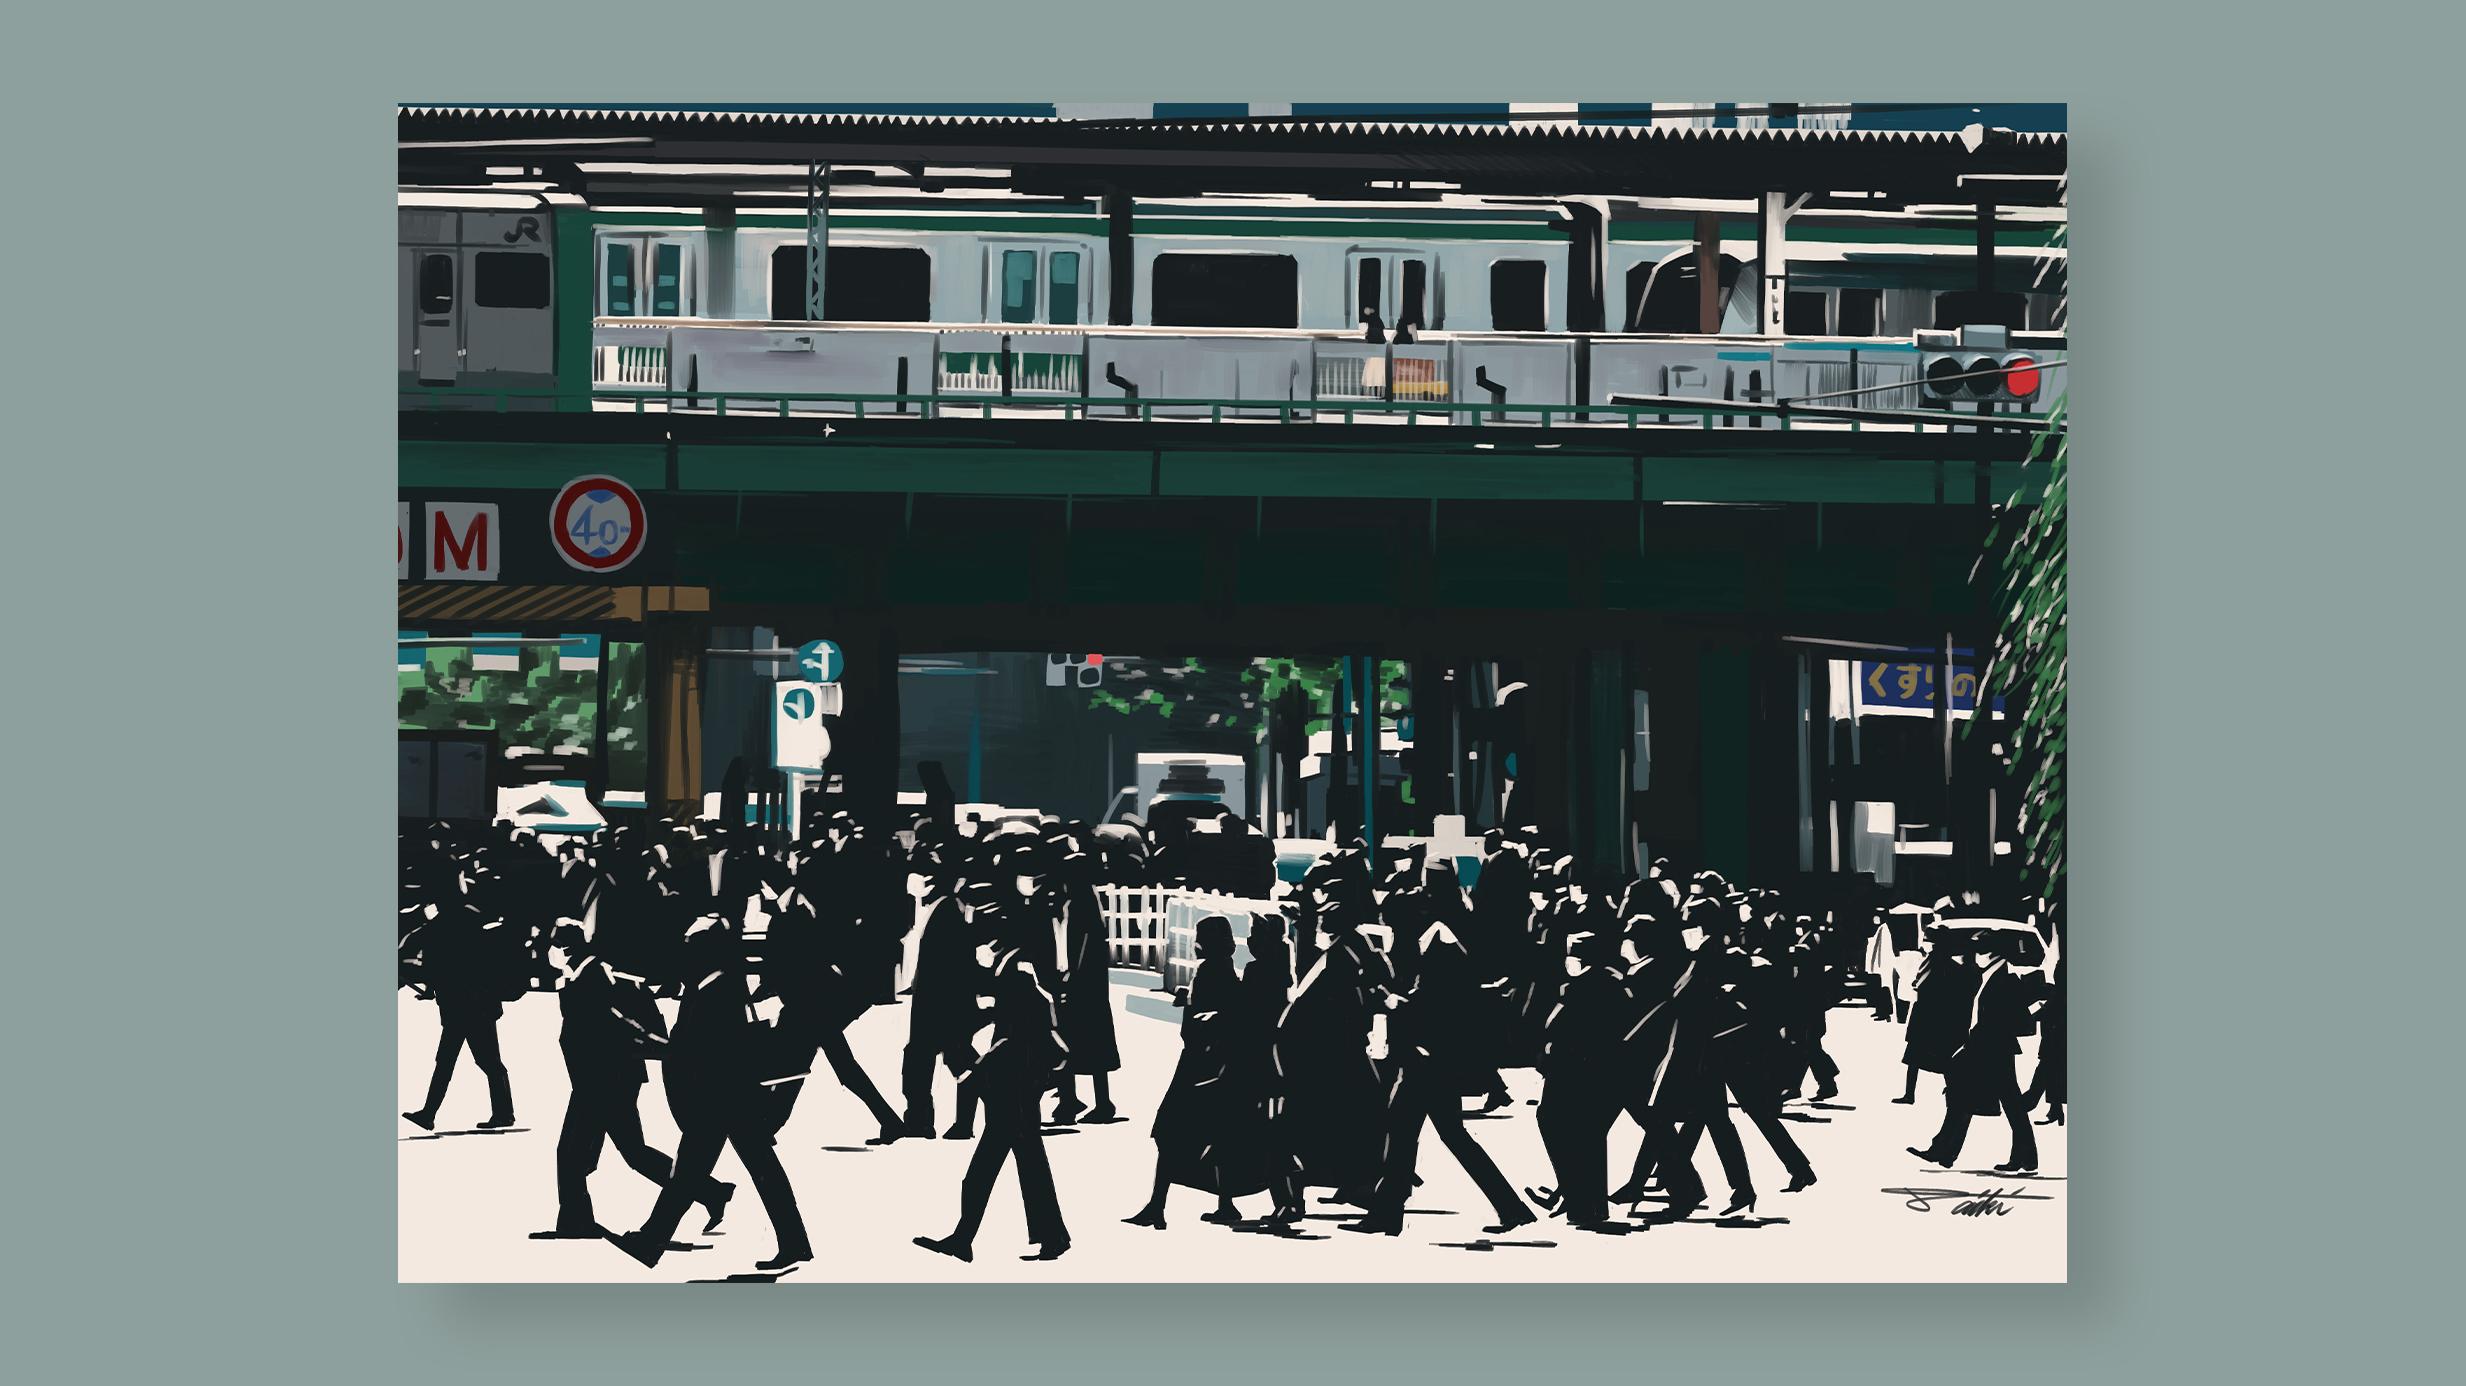 3度目の緊急事態宣言発令後、初の平日の朝に出勤する人たち=東京都港区のJR新橋駅前 コロナ禍風刺イラスト